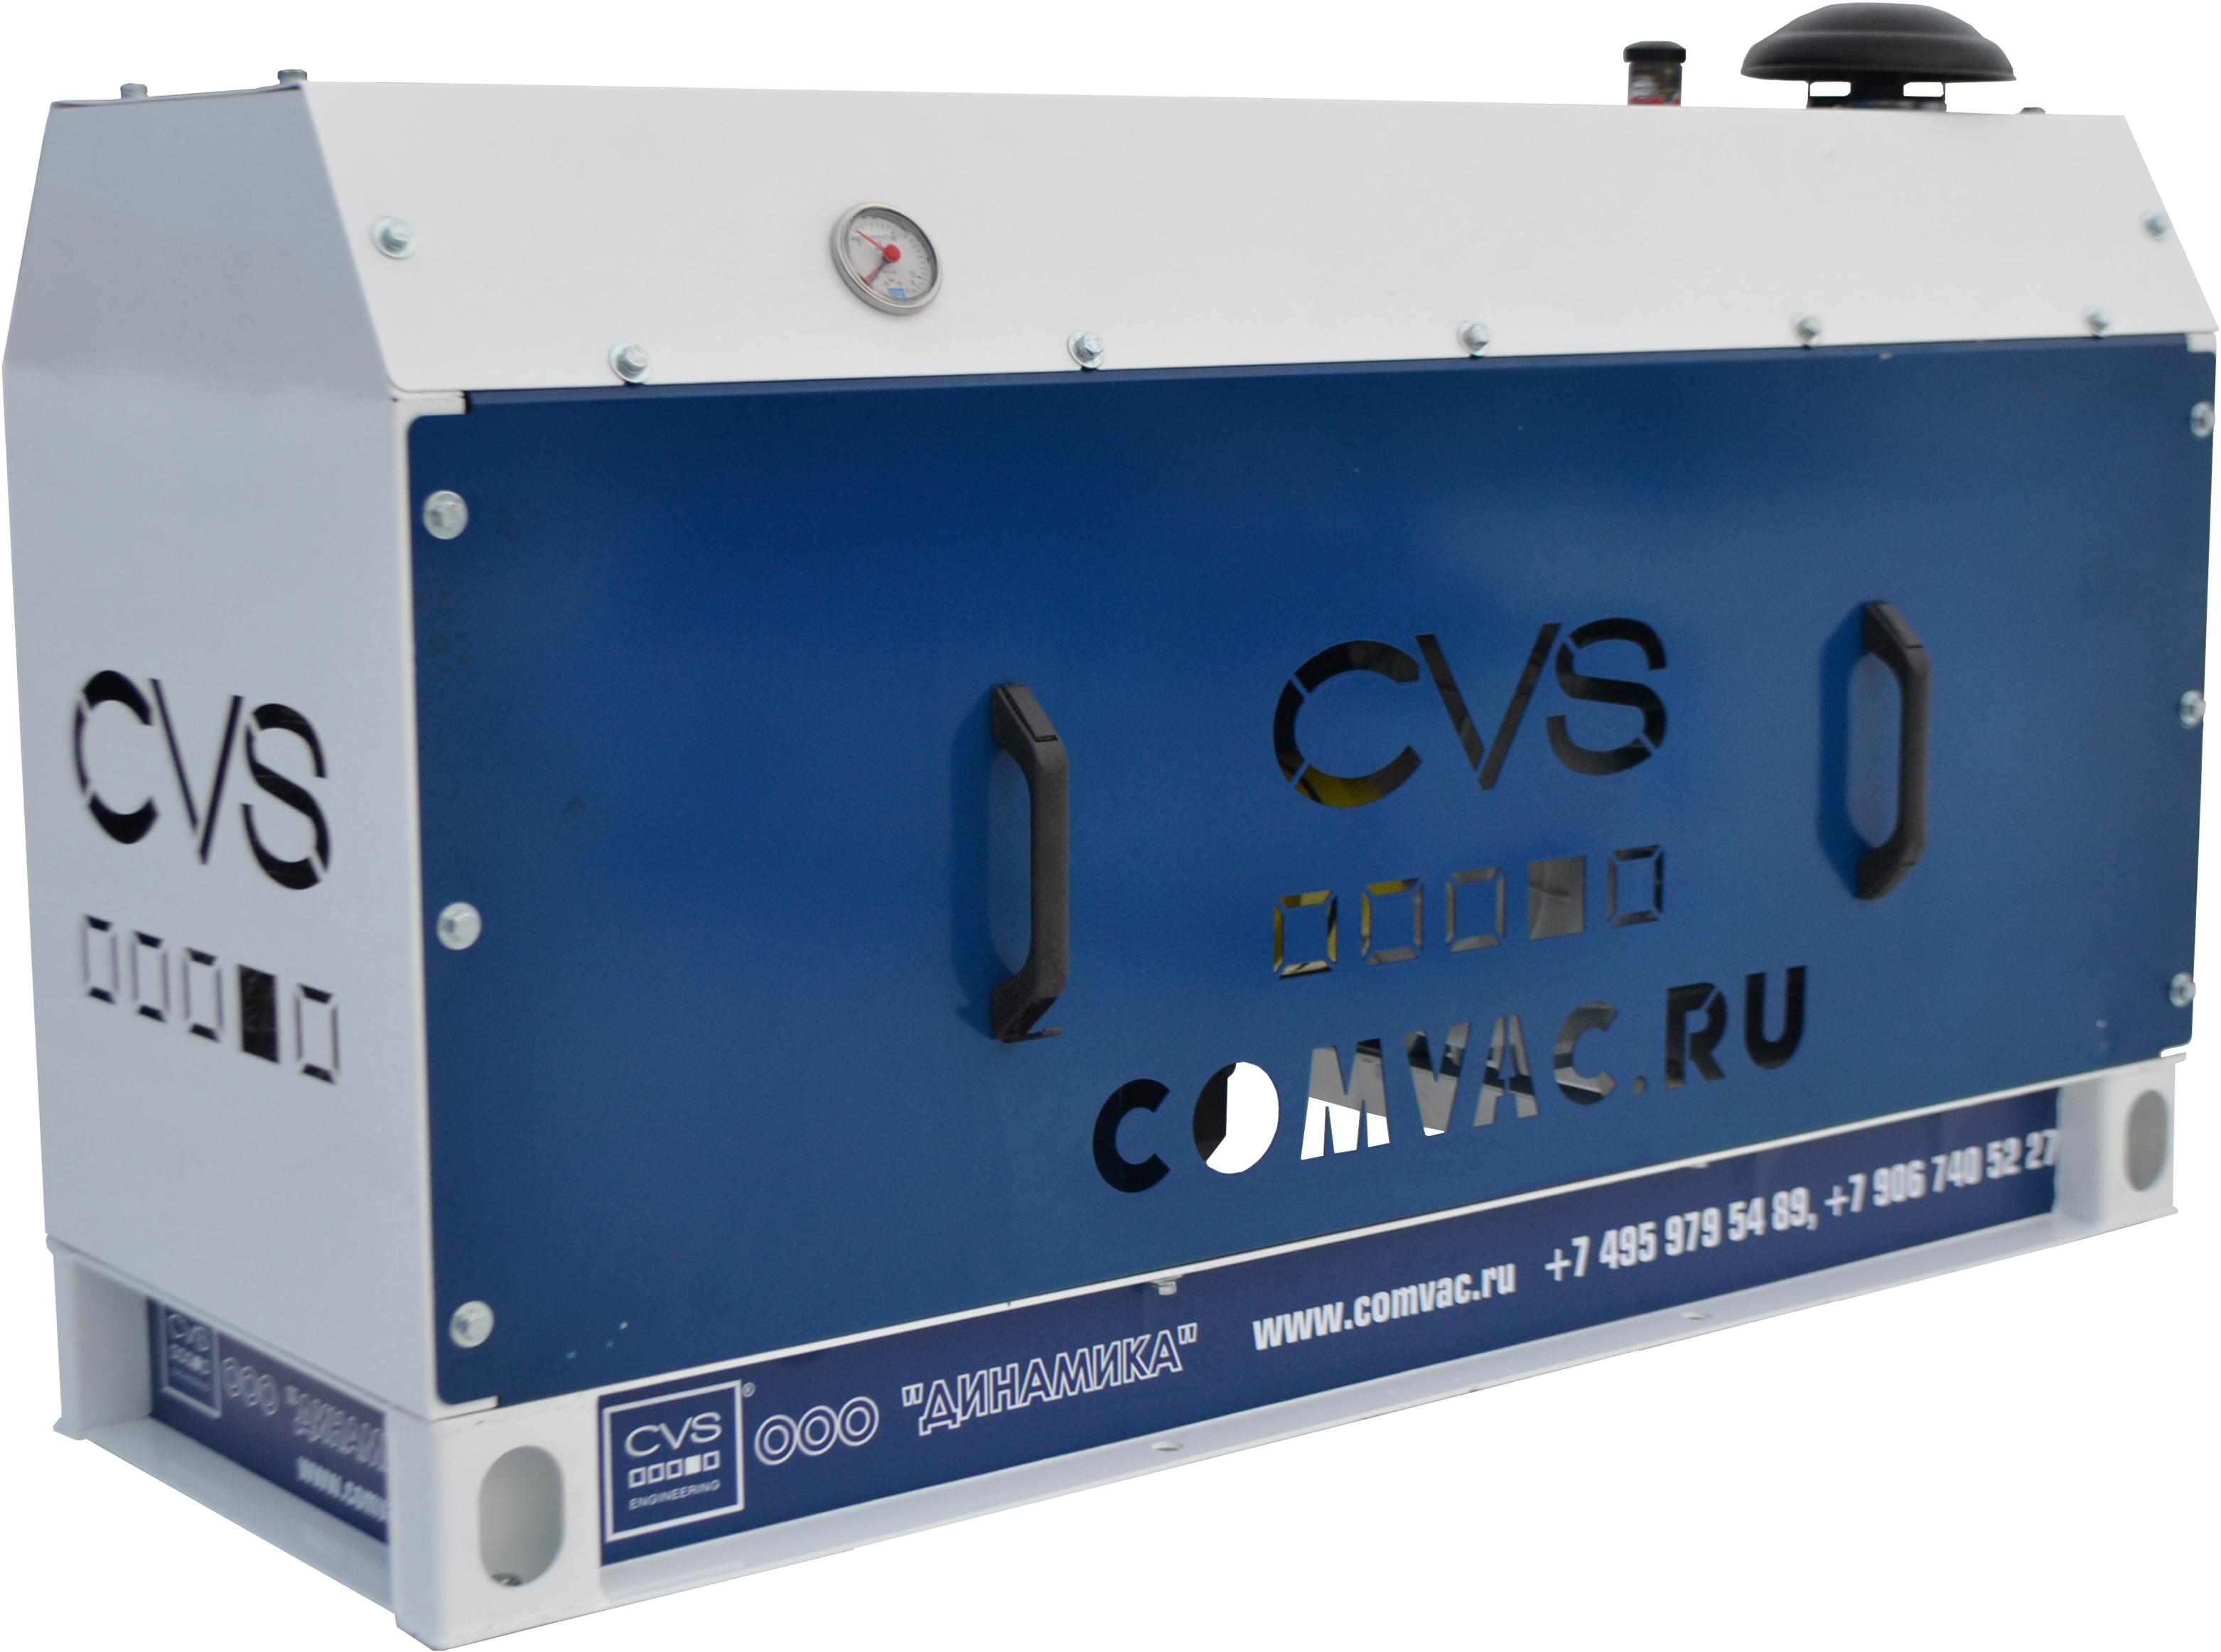 Компрессор CVS SK 700 с электроприводом 30 кВт для цементовозов и муковозов